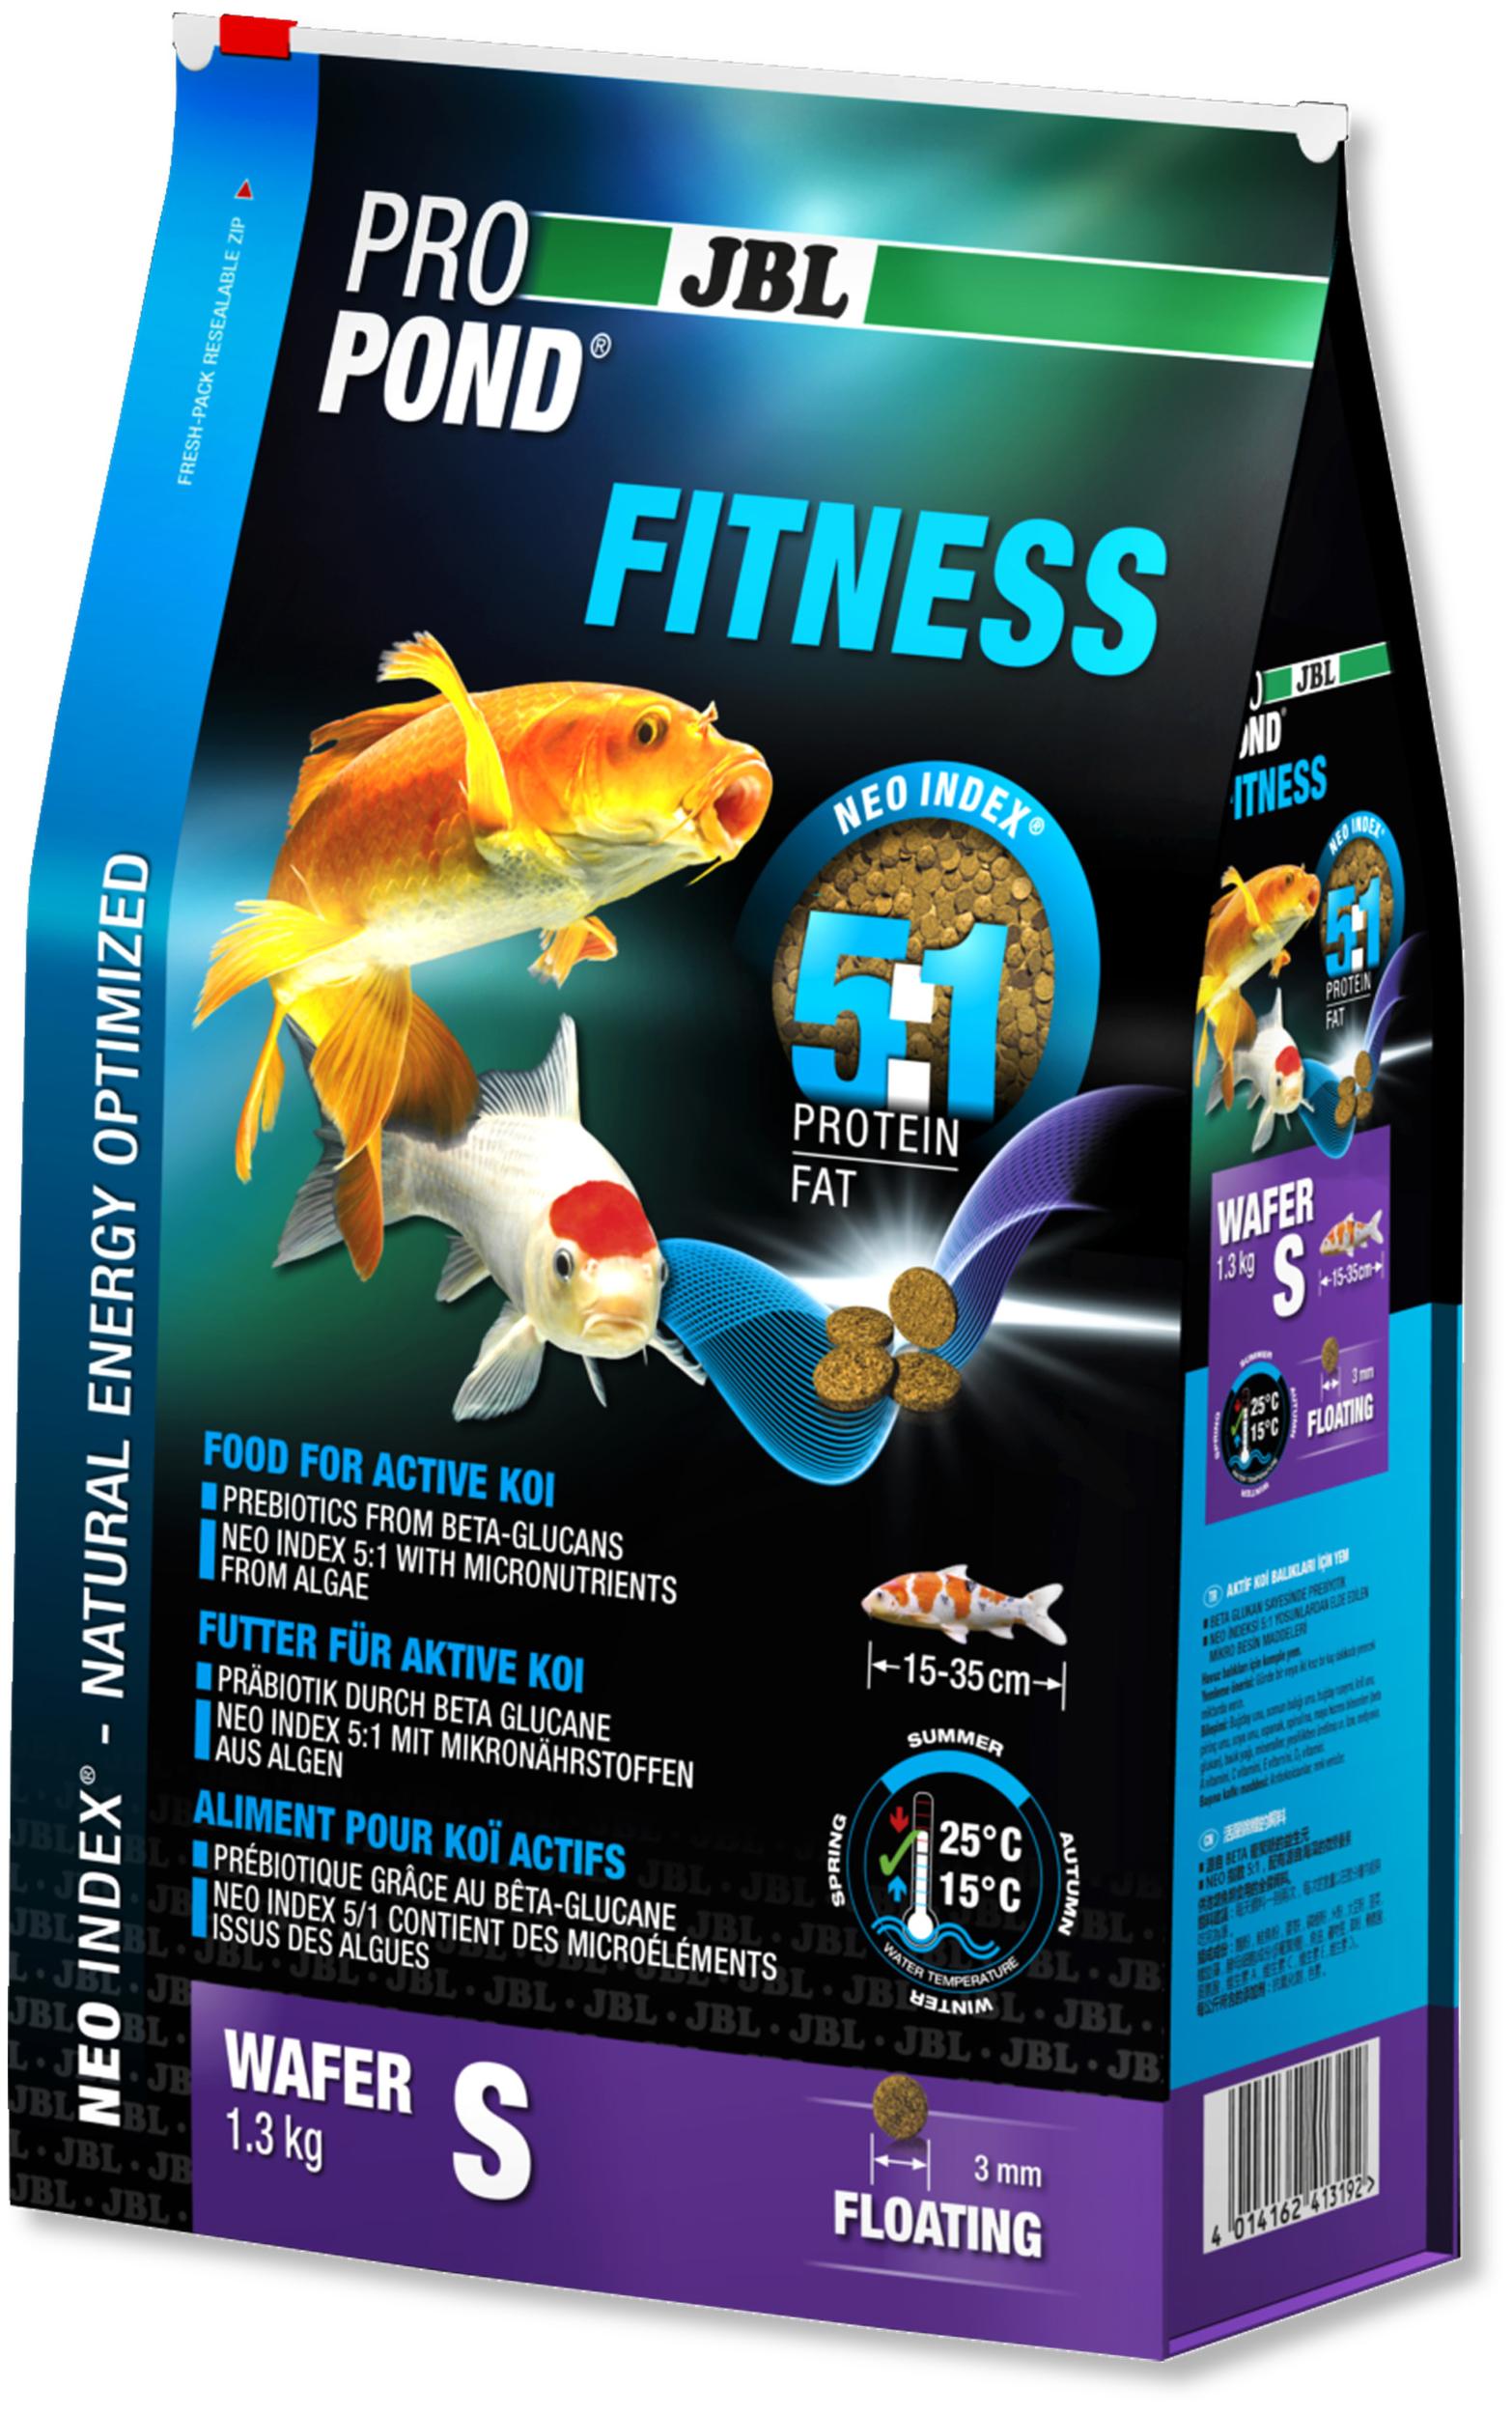 JBL ProPond Fitness S 0,42 Kg nourriture spéciale sous forme de perles pour Kois actives de 15 à 35 cm